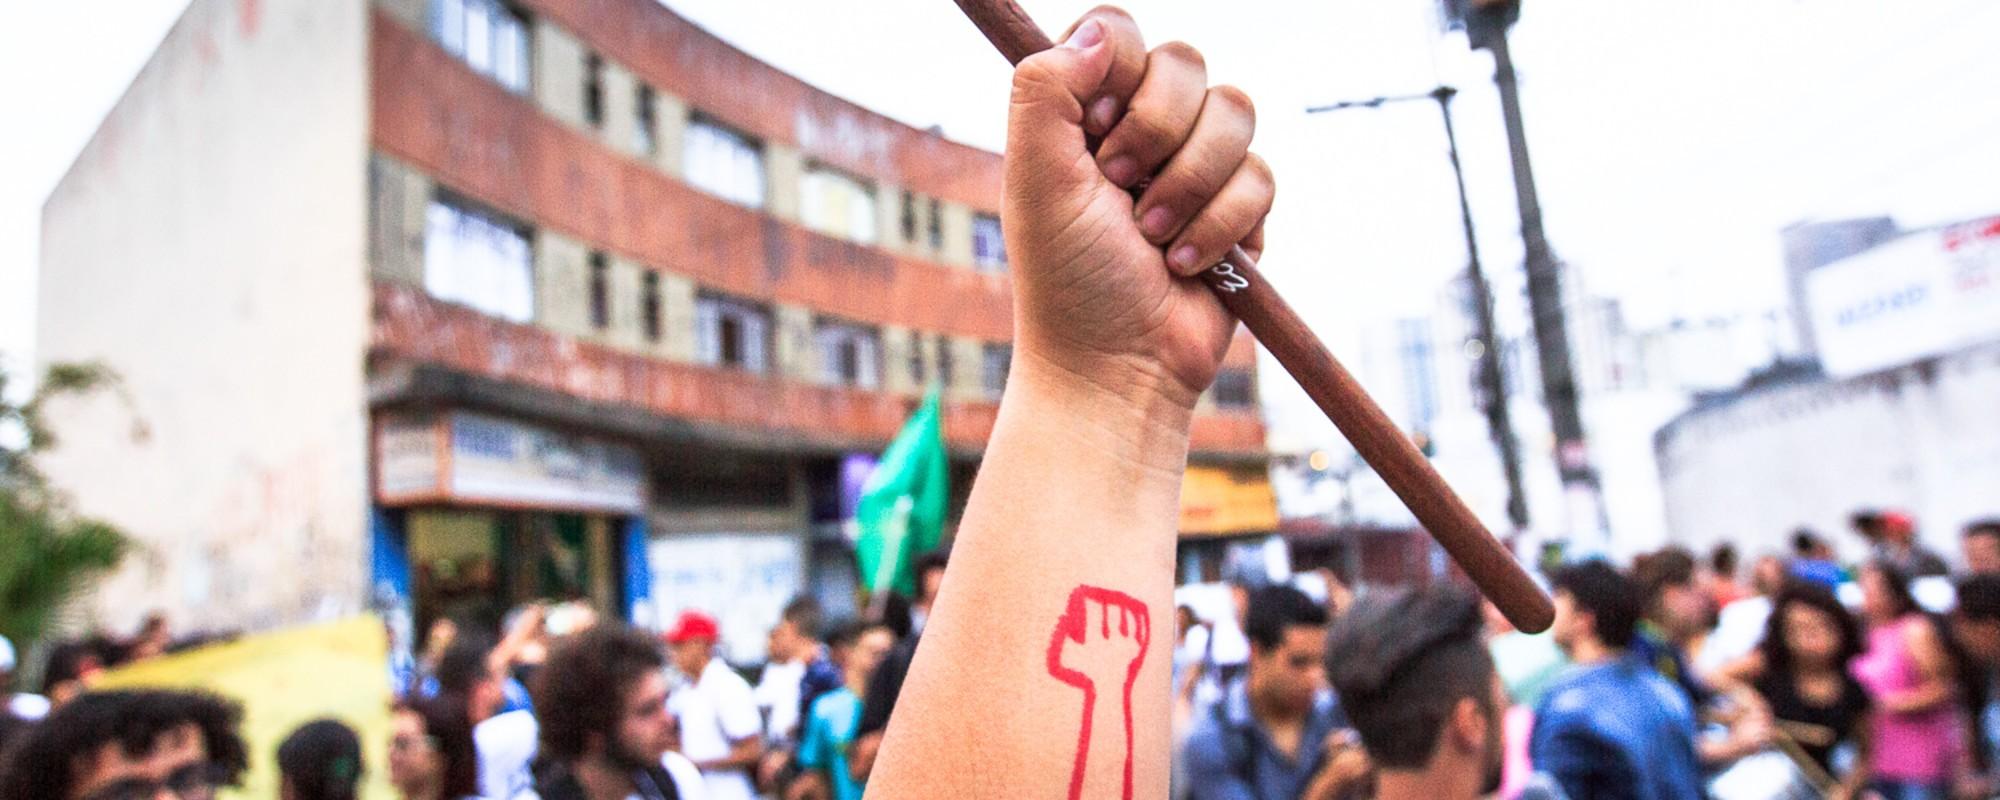 Na Manifestação da Última Sexta-Feira, A Situação Dos Estudantes de Diadema Melhorou - Mas Não Se Resolveu